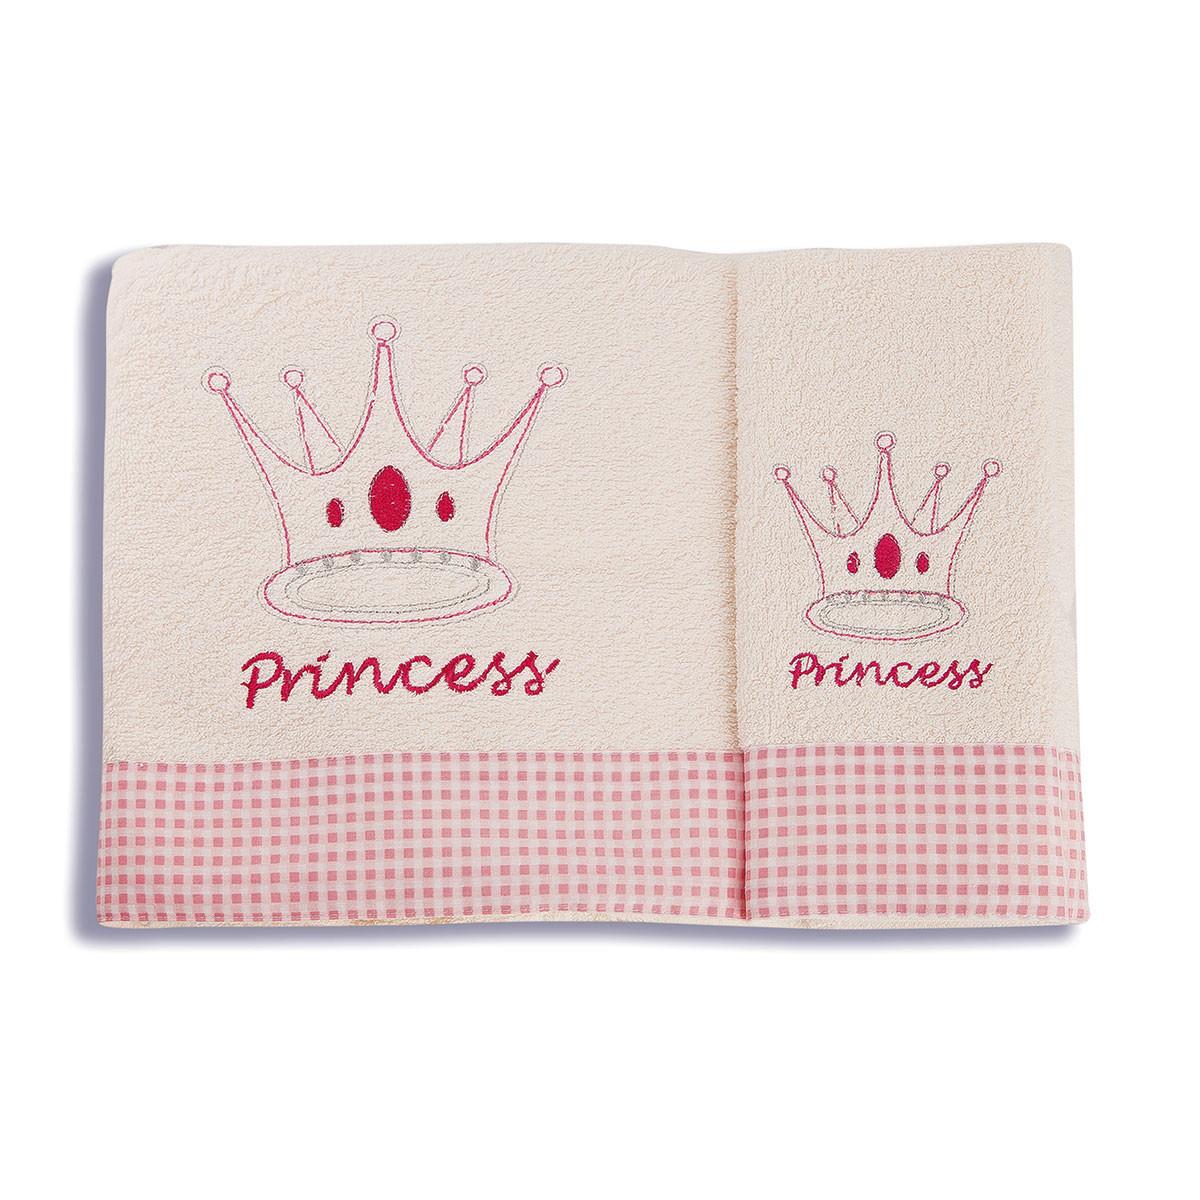 Βρεφικές Πετσέτες (Σετ 2τμχ) Dim Collection Princess 34